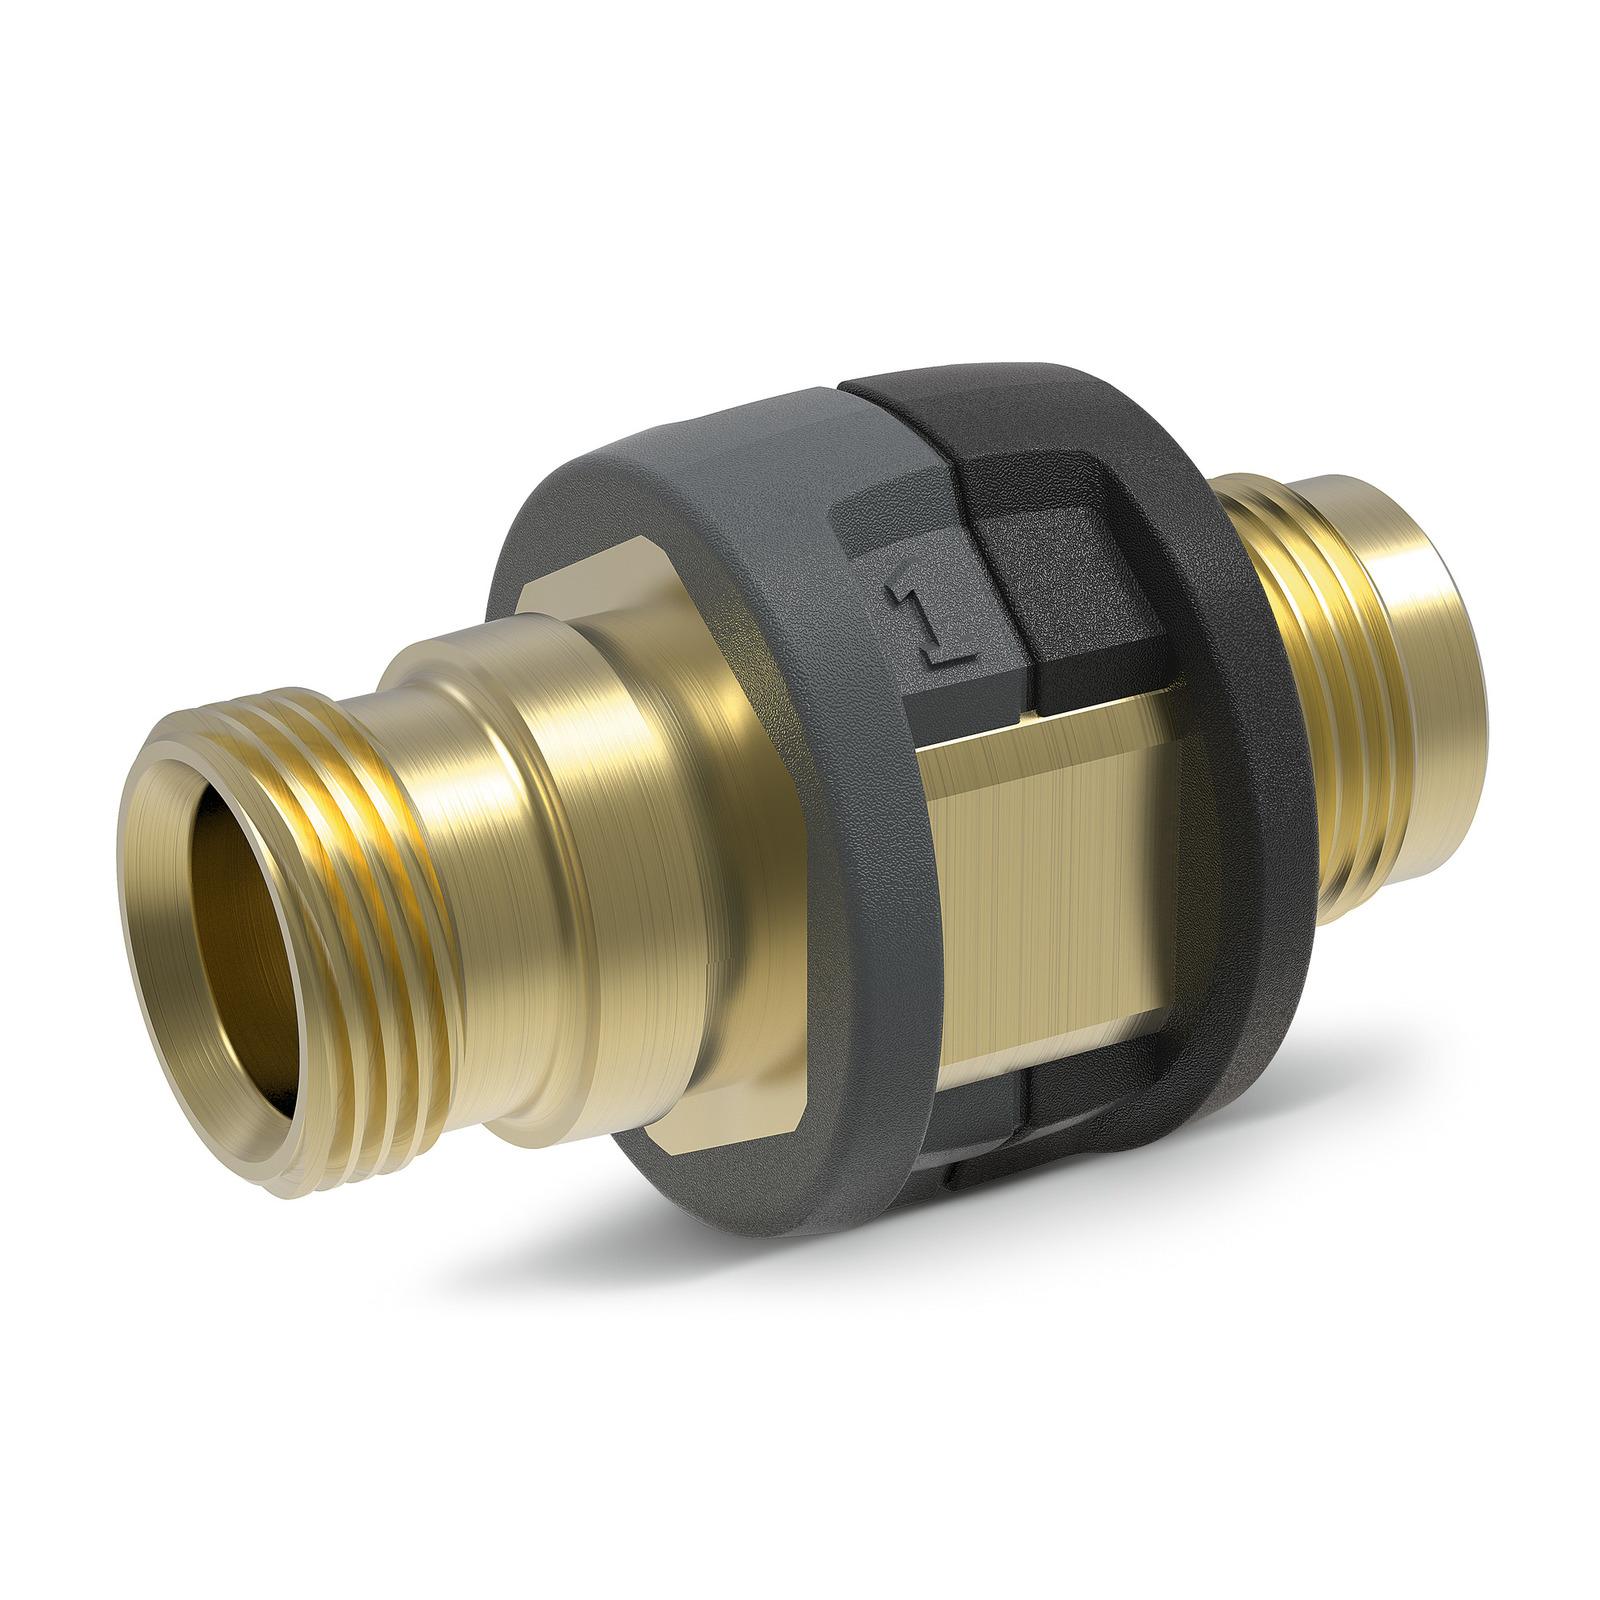 Kärcher - Adaptér 1 M22 x 1,5 AG - EASY!Lock 22 AG